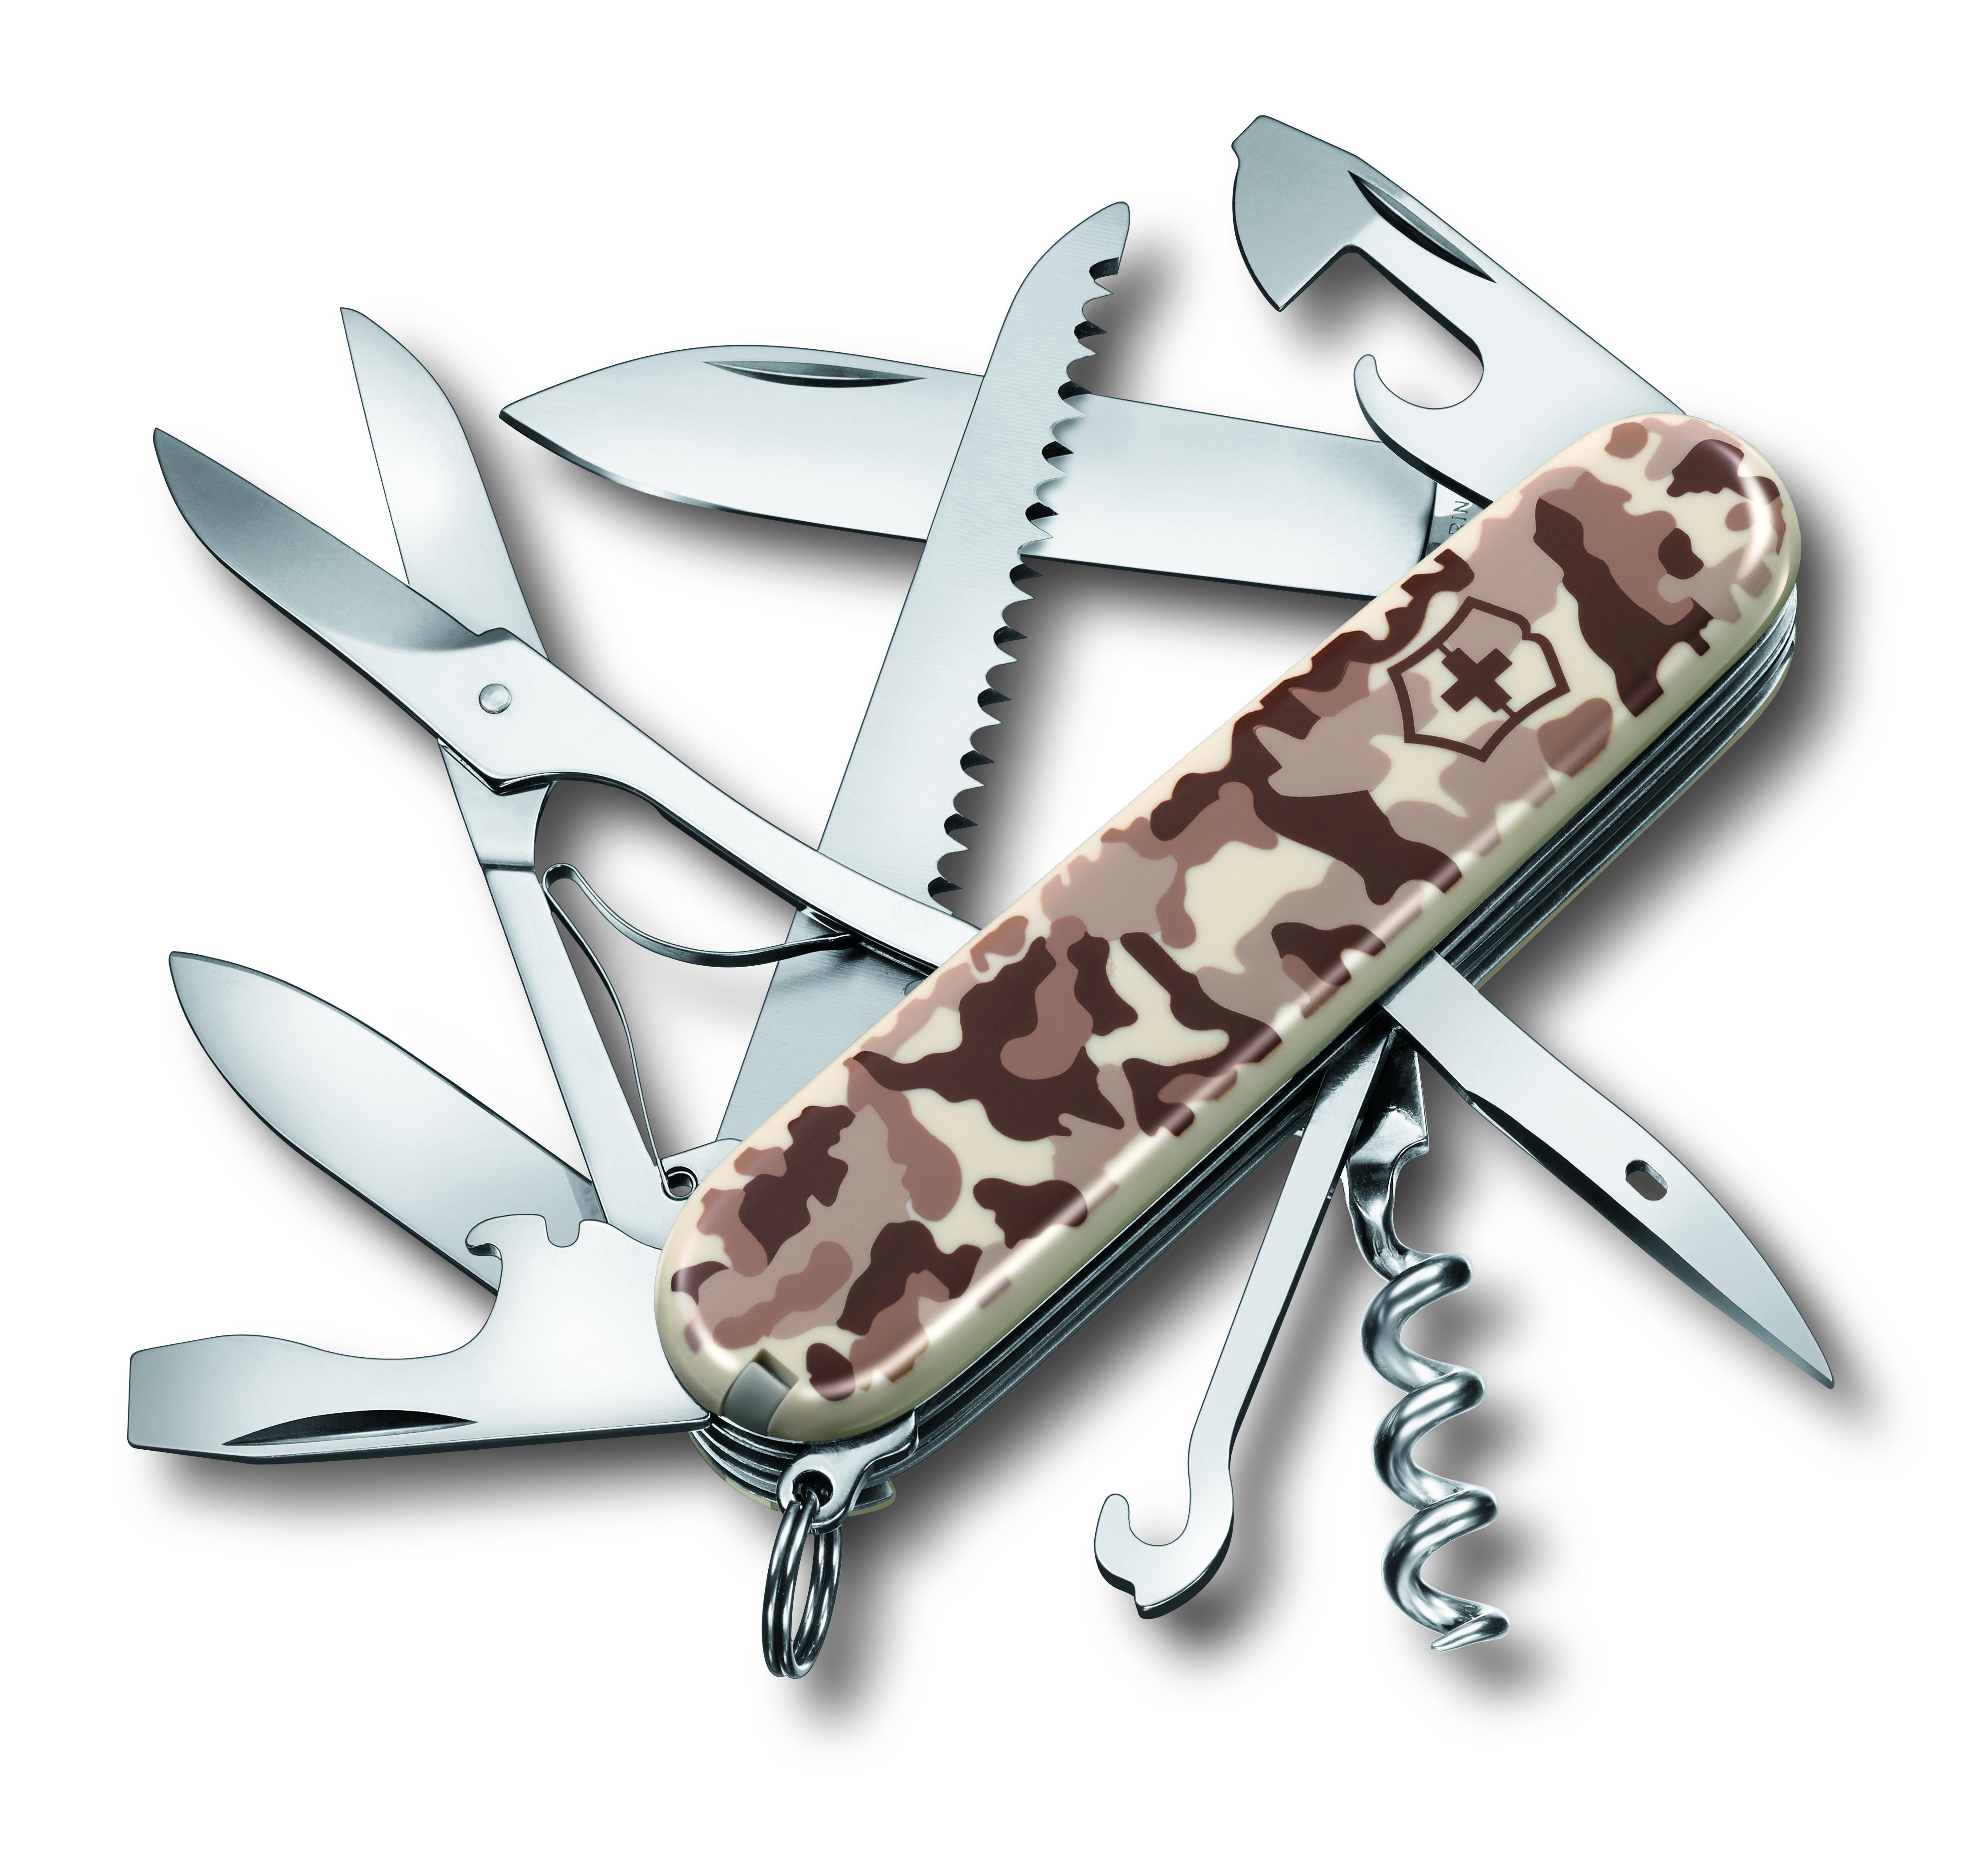 Нож перочинный Victorinox Huntsman Desert Camouflage, 15 функций, длина 9,1 см1.3713.941Лезвие перочинного складного ножа Victorinox Huntsman Desert Camouflage изготовлено из высококачественной нержавеющей стали. Ручка, выполненная из прочного пластика, обеспечивает надежный и удобный хват.Хорошее качество, надежный долговечный материал и эргономичная рукоятка - что может быть удобнее на природе или на пикнике!Функции ножа:Большое лезвие.Малое лезвие.Штопор.Консервный нож с малой отверткой.Открывалка для бутылок с отверткой.Инструментом для снятия изоляции.Шило, кернер.Кольцо для ключей.Пинцет.Зубочистка.Ножницы.Многофункциональный крючок.Пила по дереву.Длина ножа в сложенном виде: 9,1 см.